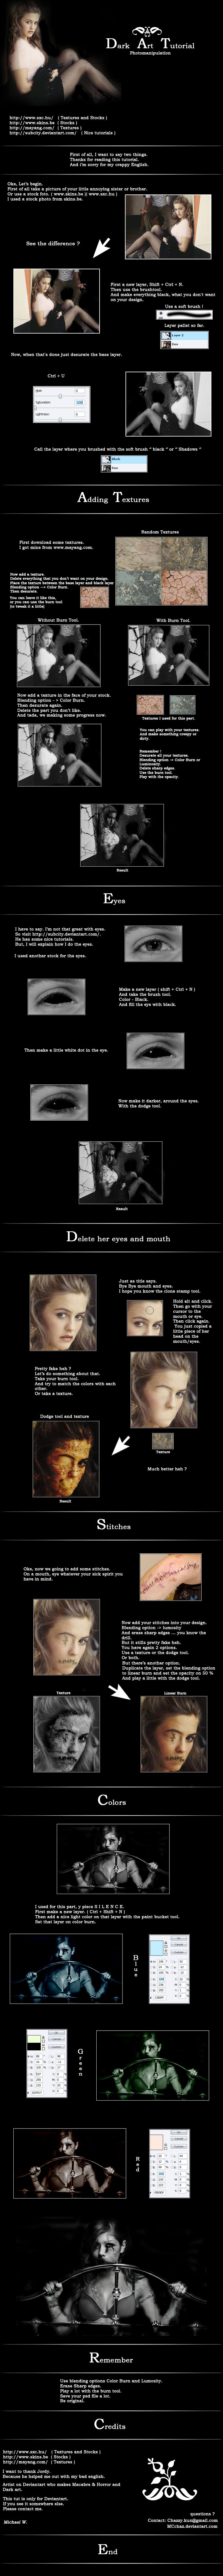 Dark art tutorial.